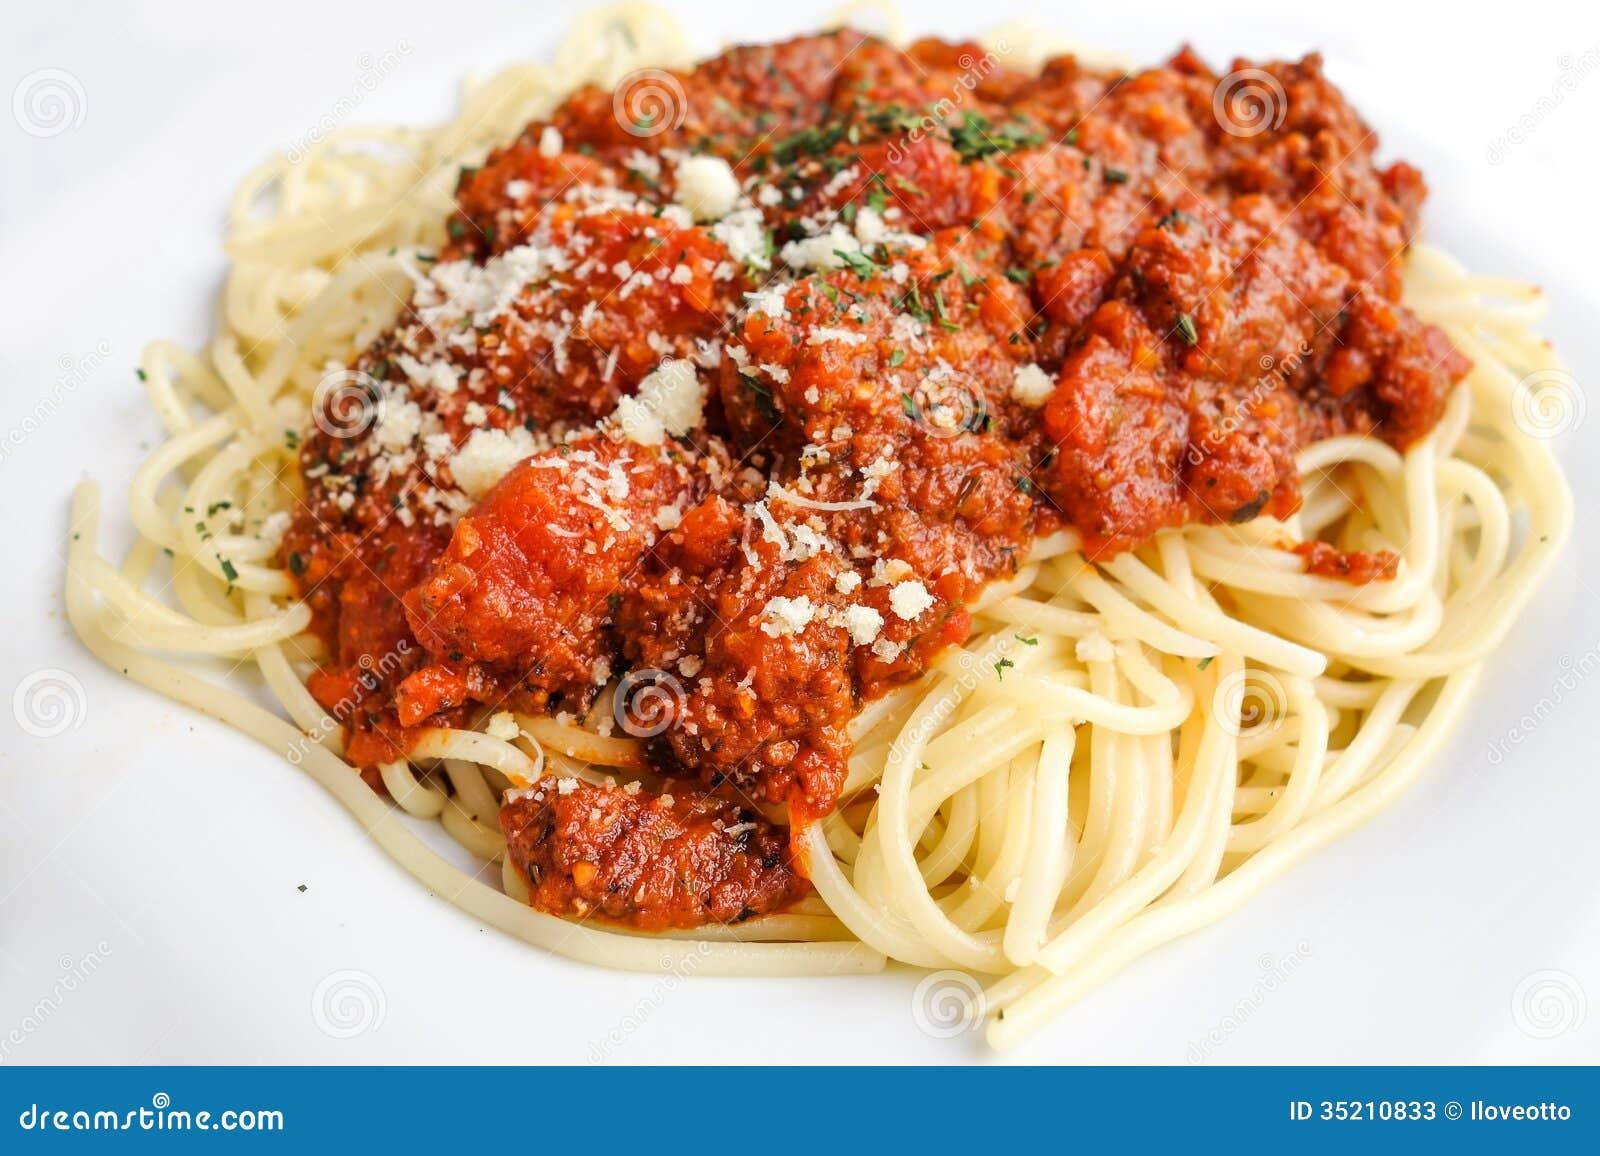 Tasty pasta-Italian meat sauce pasta on the table.